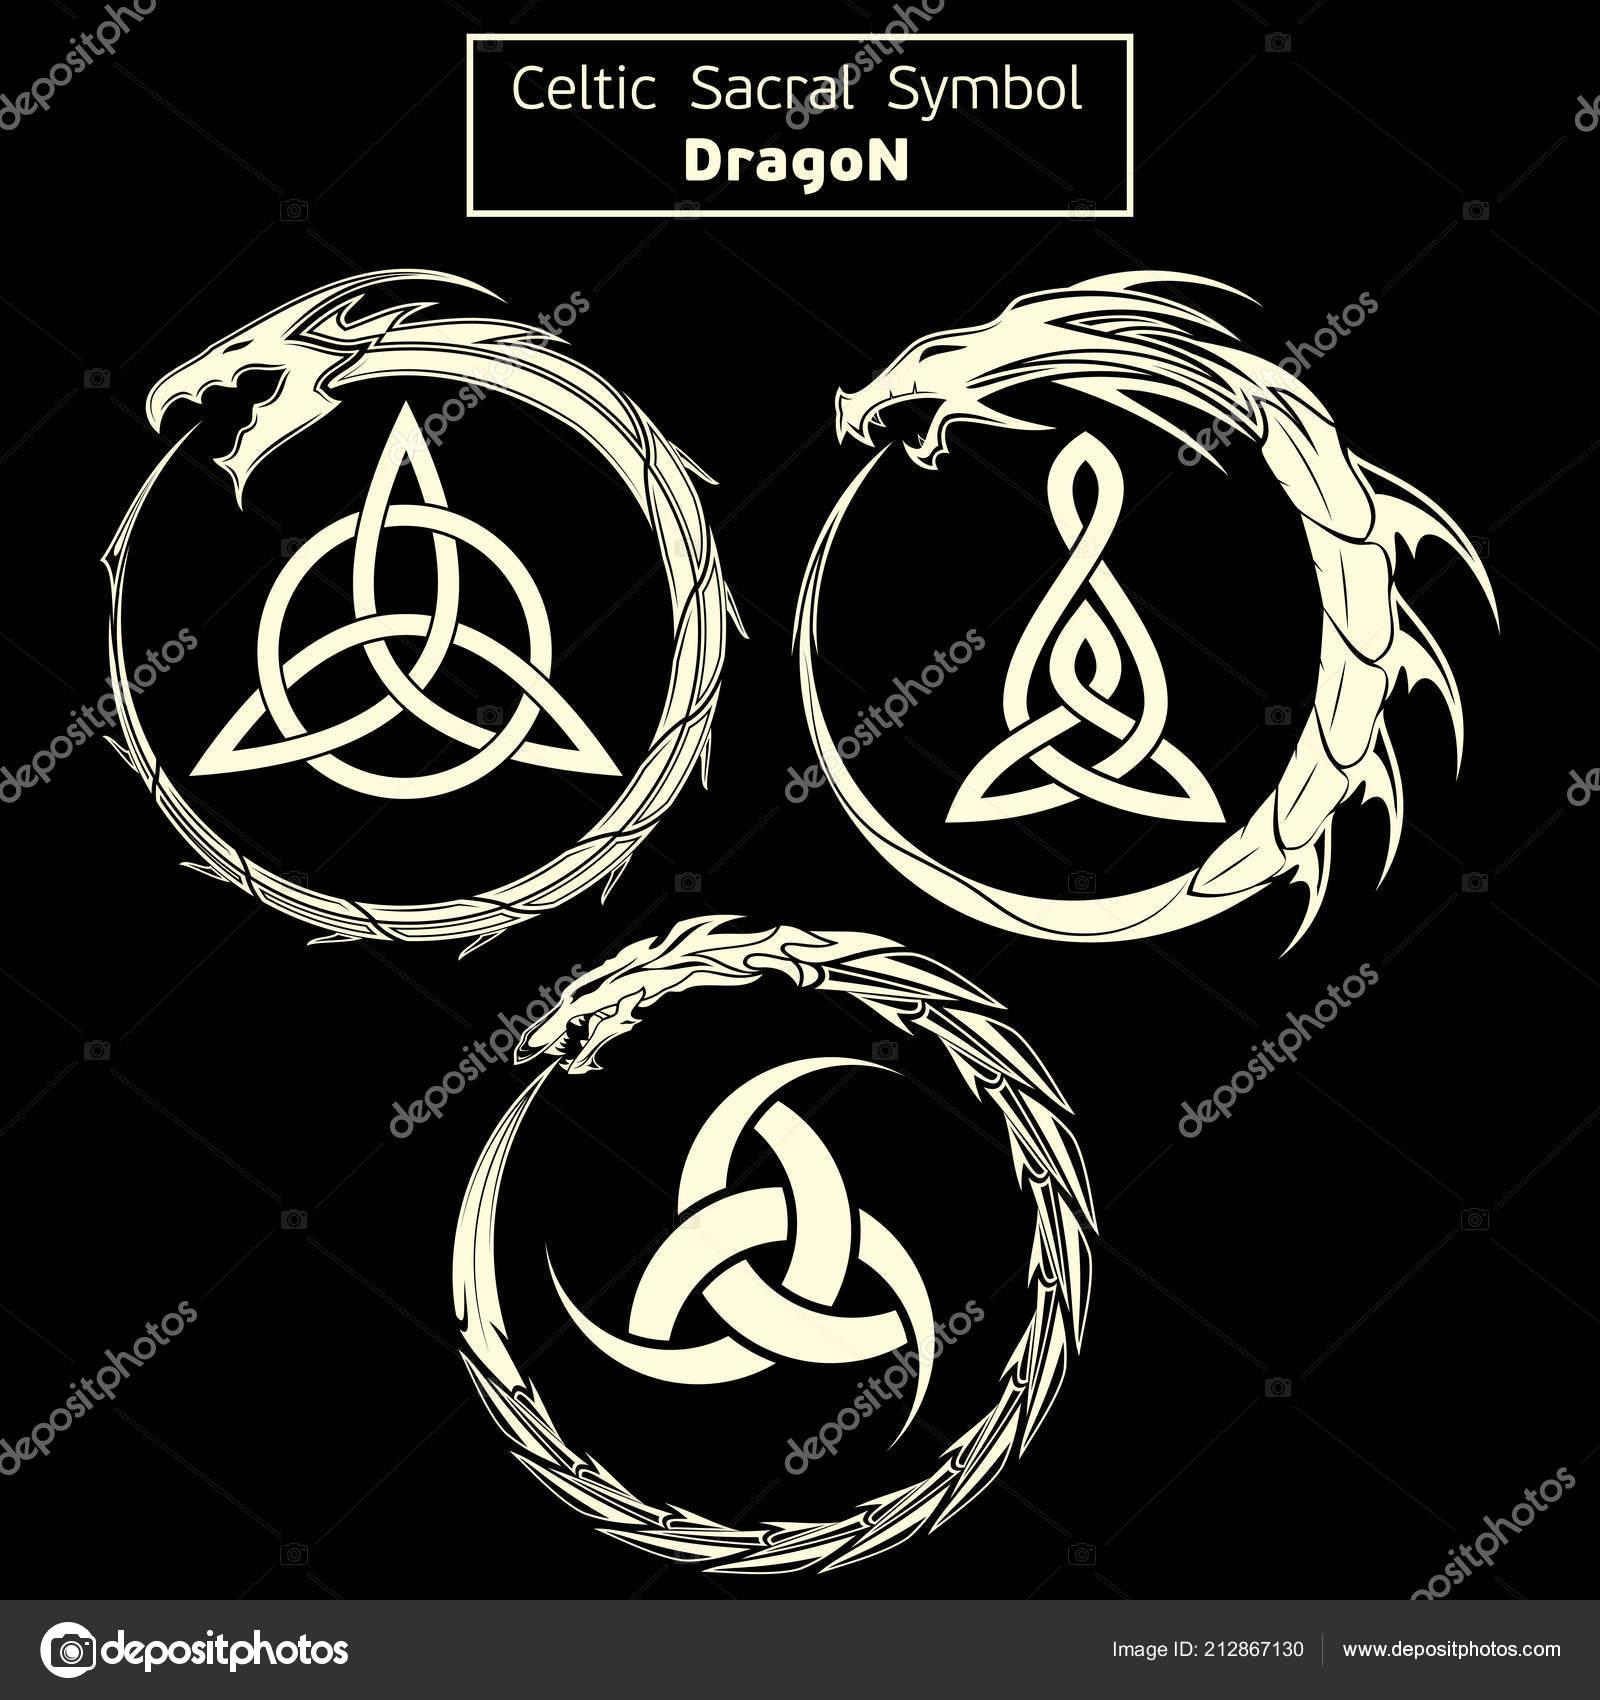 Un poco de tiempo libre [Anzu] - Página 2 Depositphotos_212867130-stock-illustration-set-three-vector-sacral-celtic